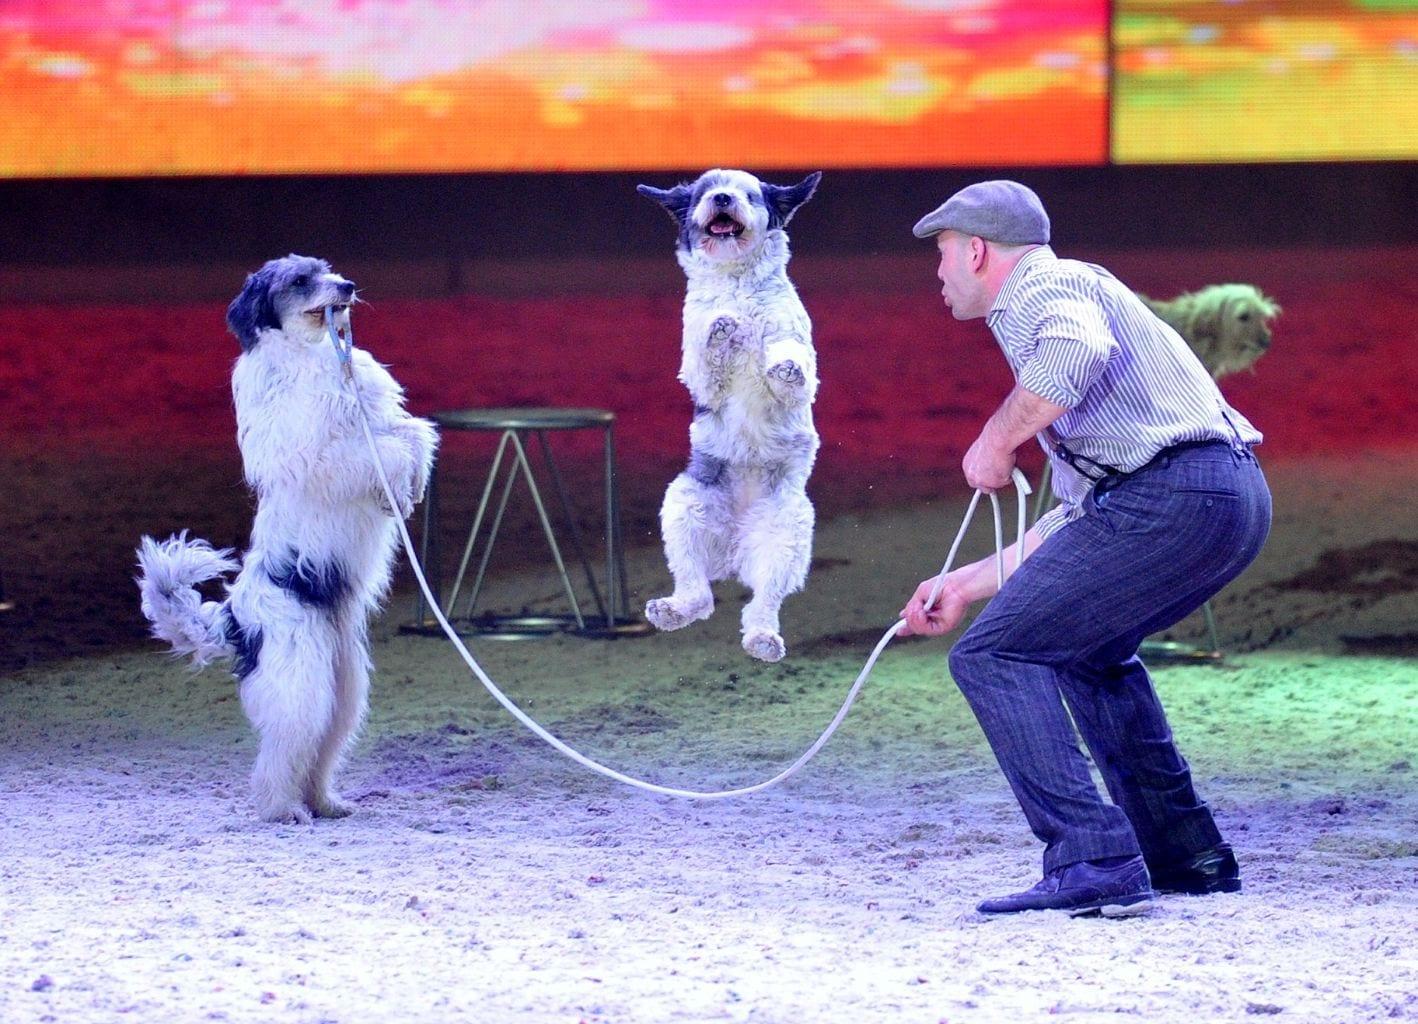 Wolfgang Lauenburger und seine hochintelligenten Hunde werden sicherlich ein Höhepunkt der Amadeus Horse Indoors Showtime 2017 sein. © Nini Schäbel